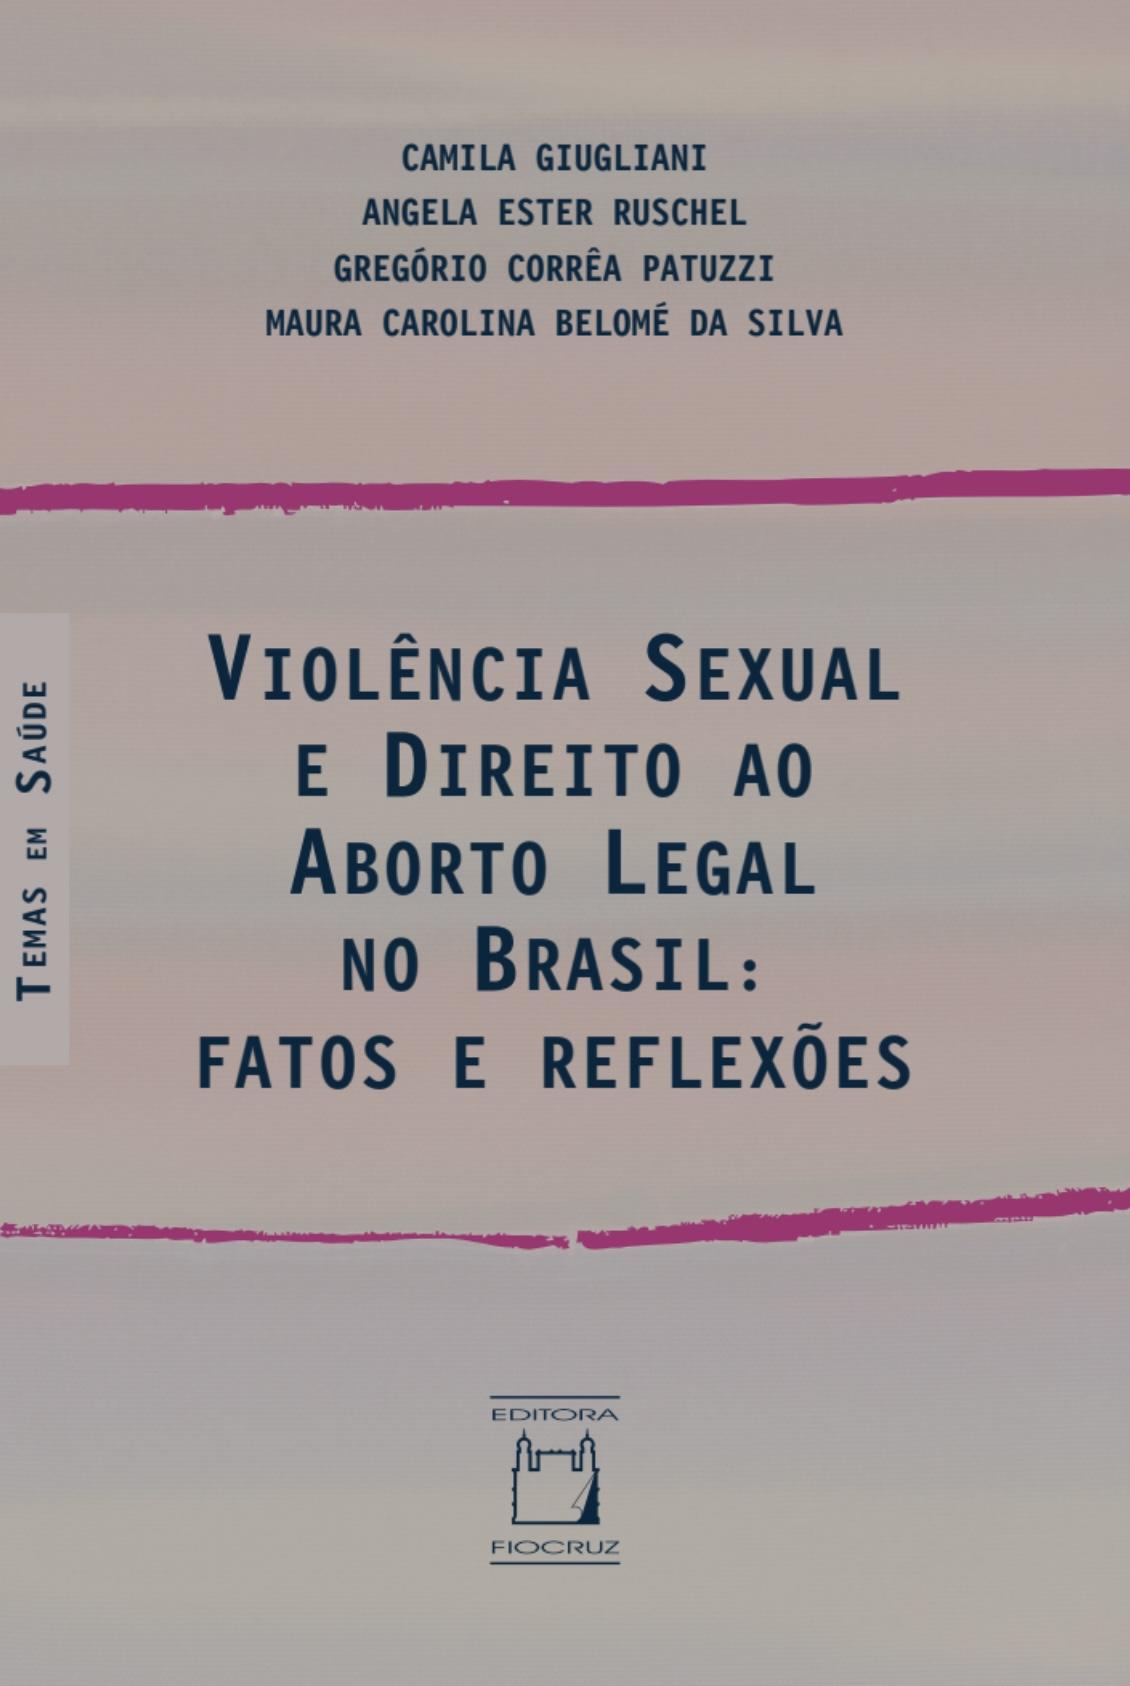 Violência Sexual e Direito ao Aborto Legal no Brasil: fatos e reflexões  - Livraria Virtual da Editora Fiocruz